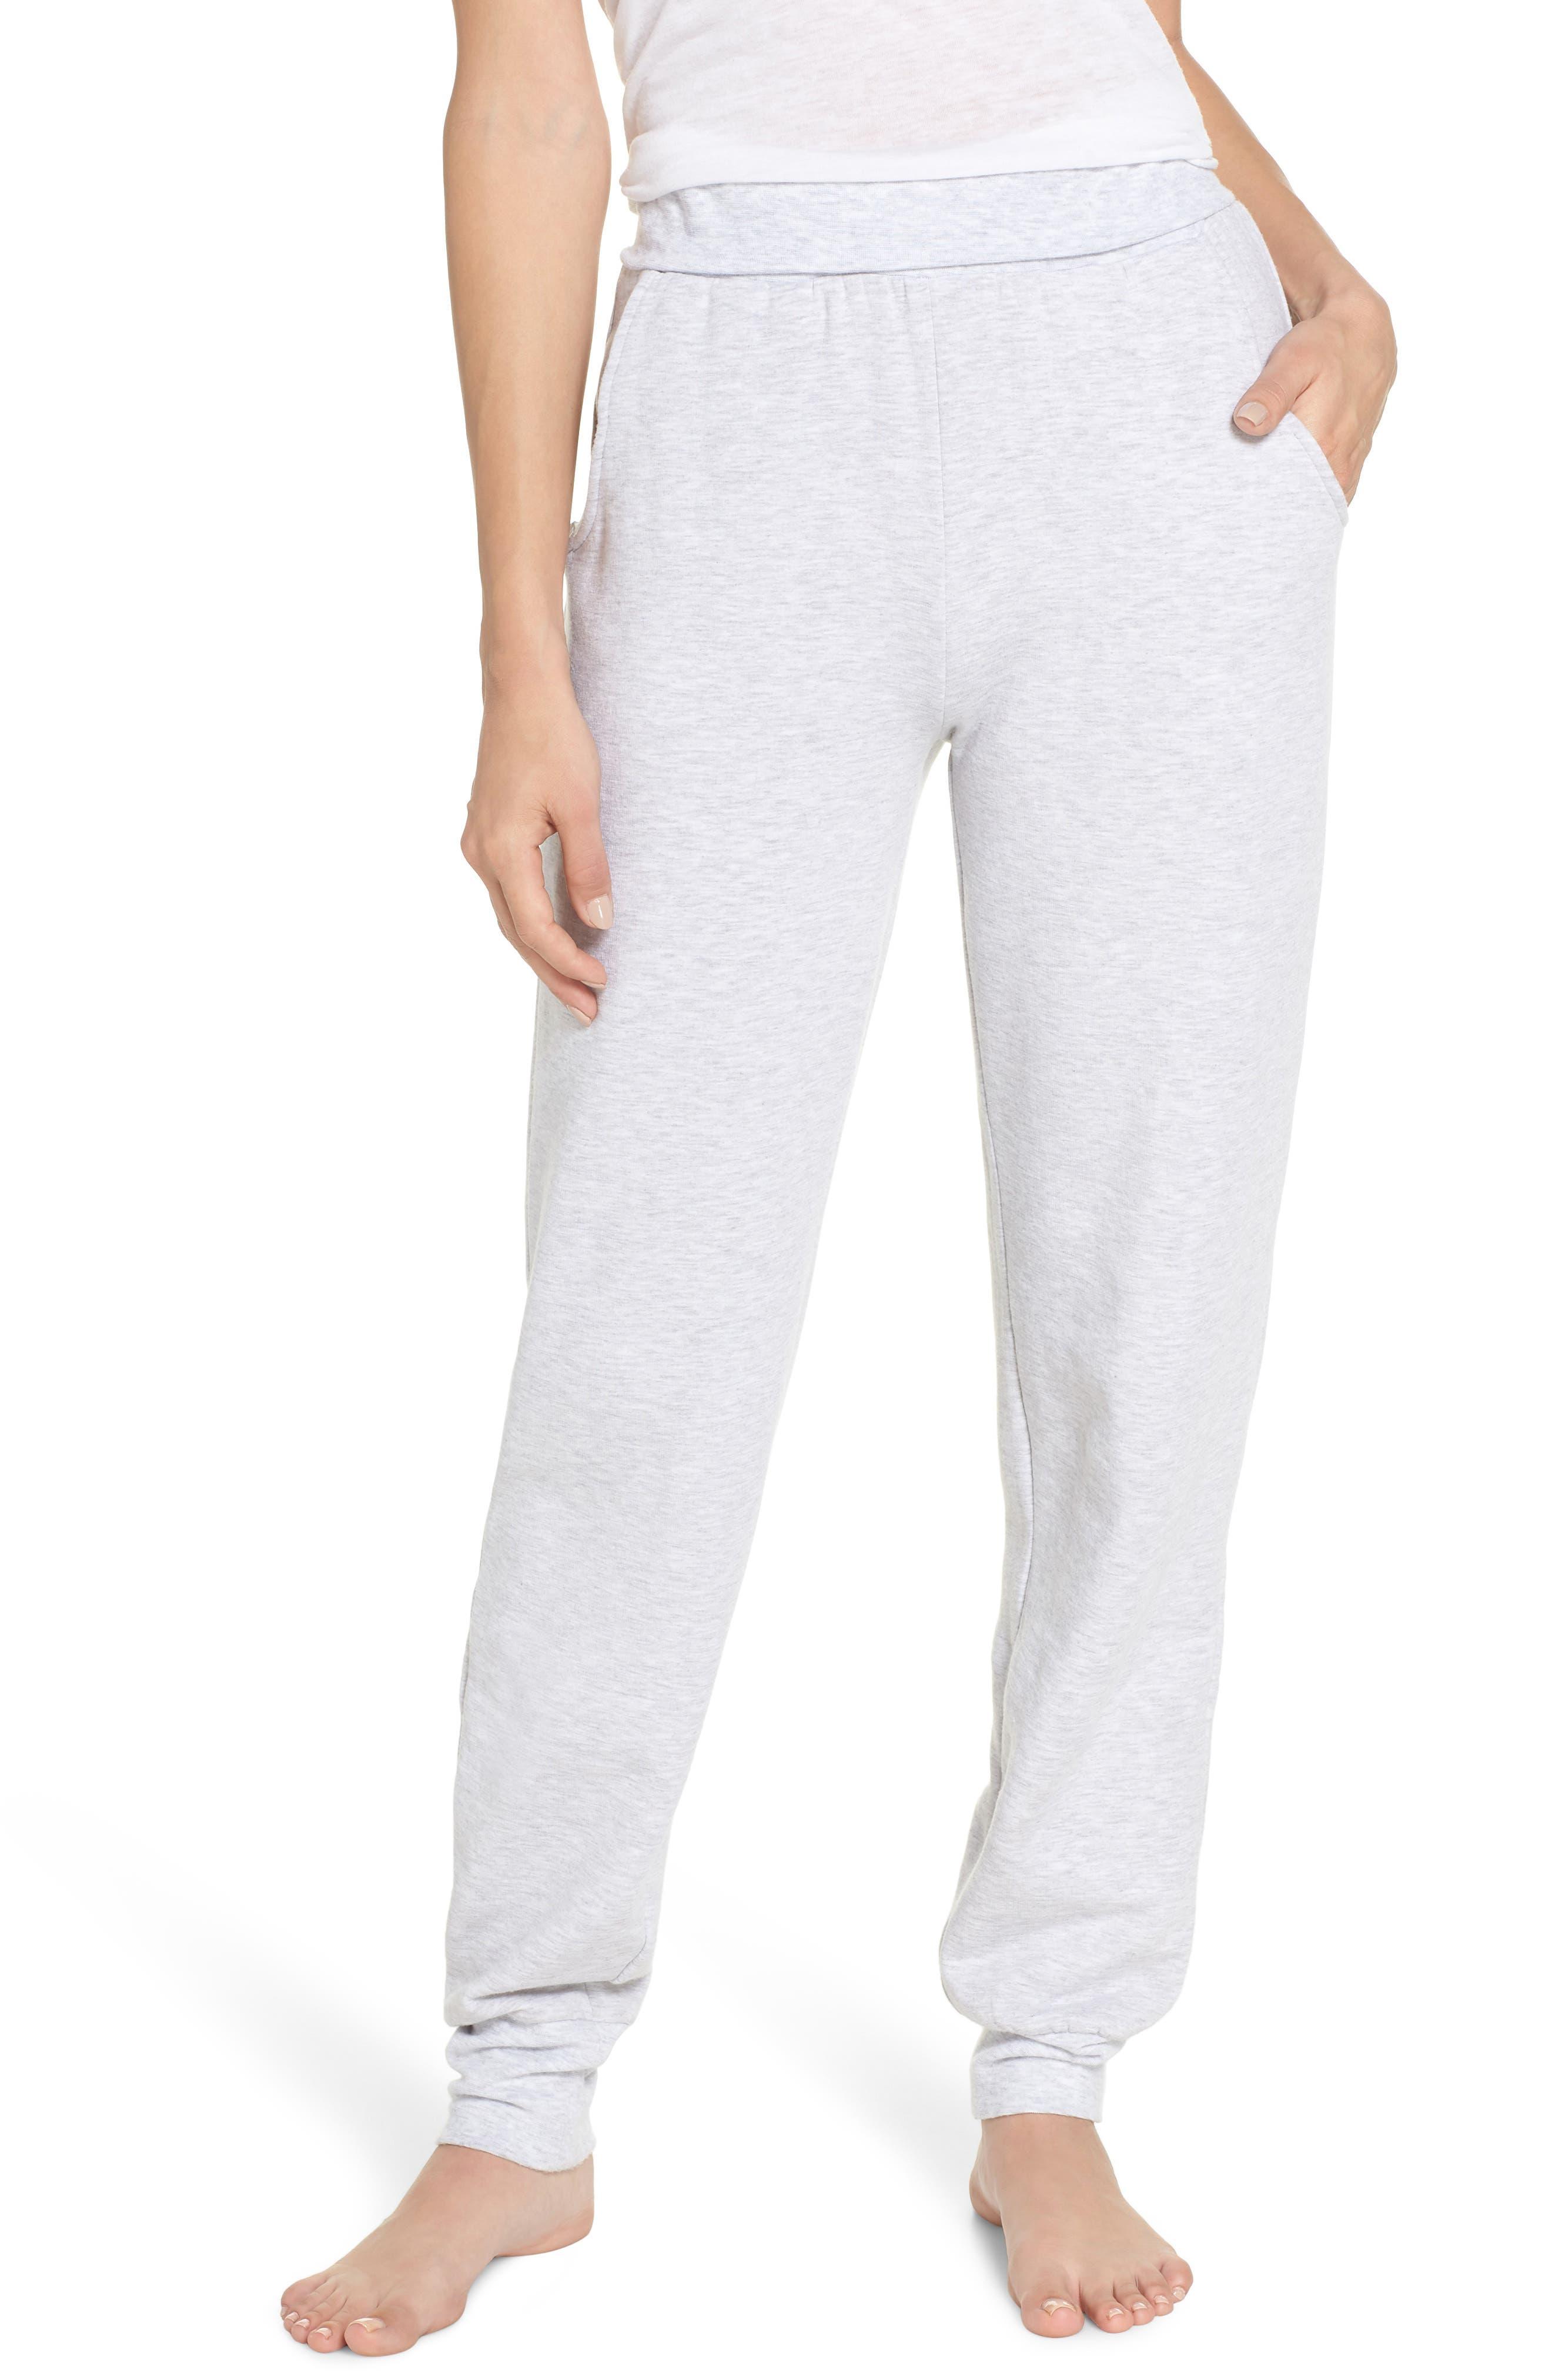 Jogger Pajama Pants,                             Main thumbnail 1, color,                             020